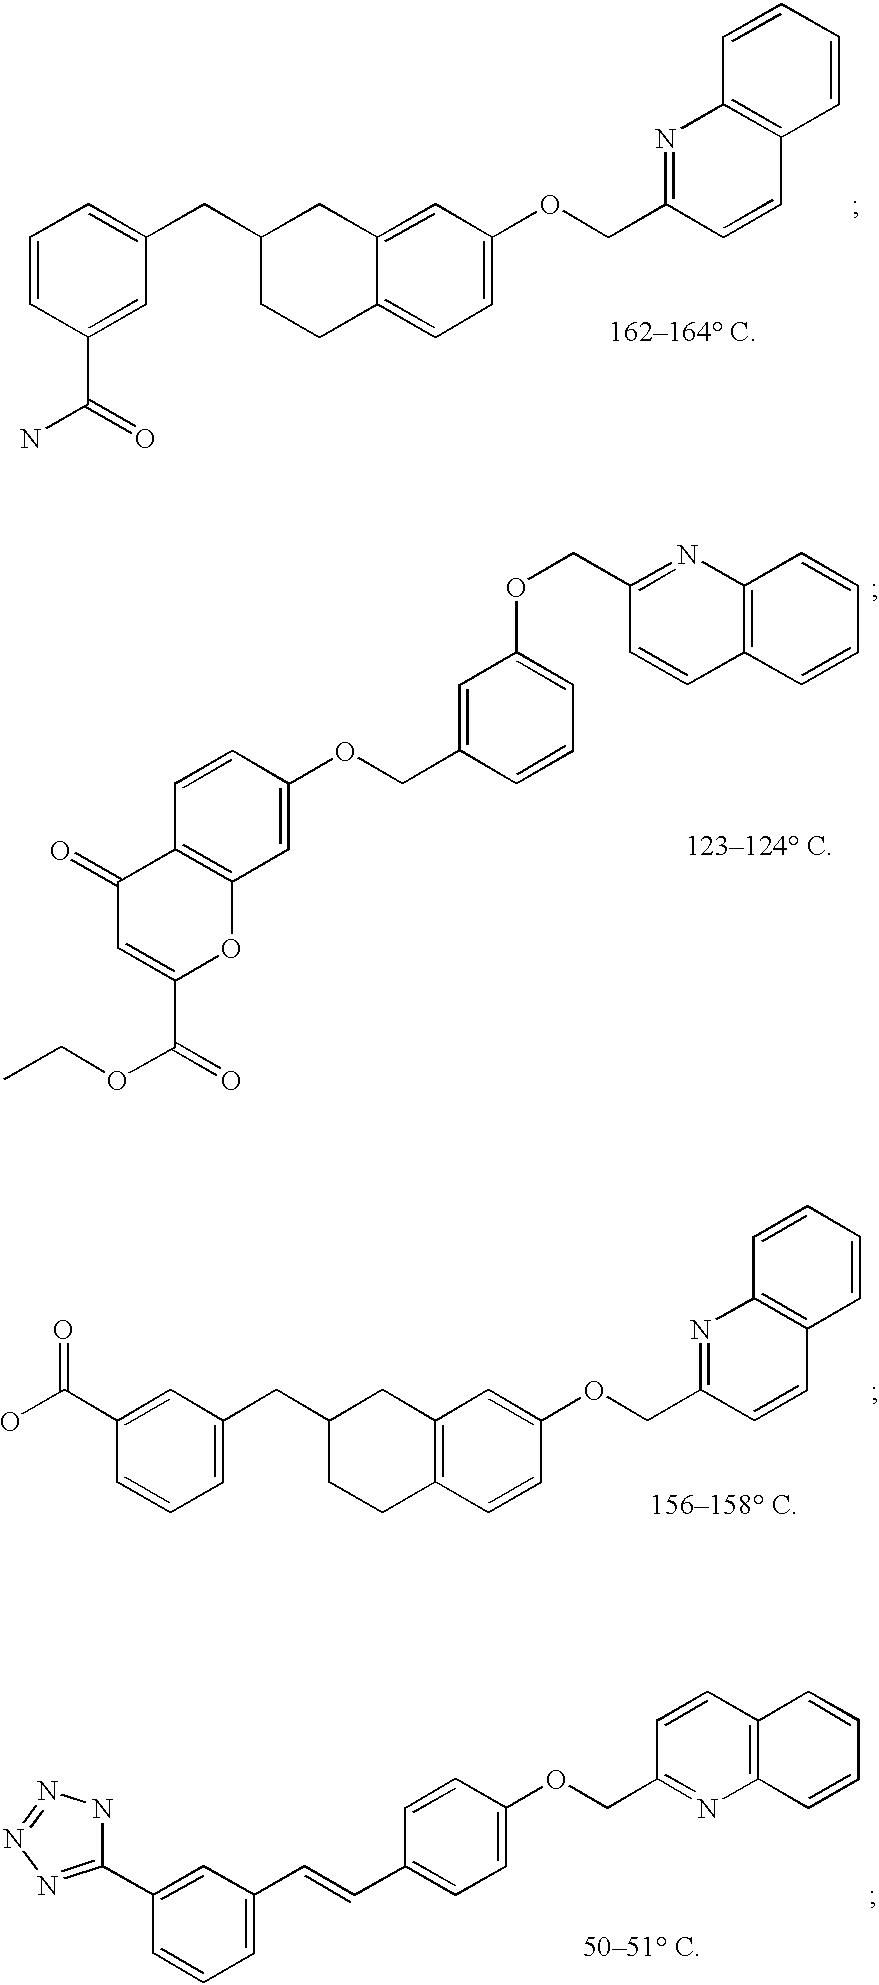 Figure US20030220373A1-20031127-C00301